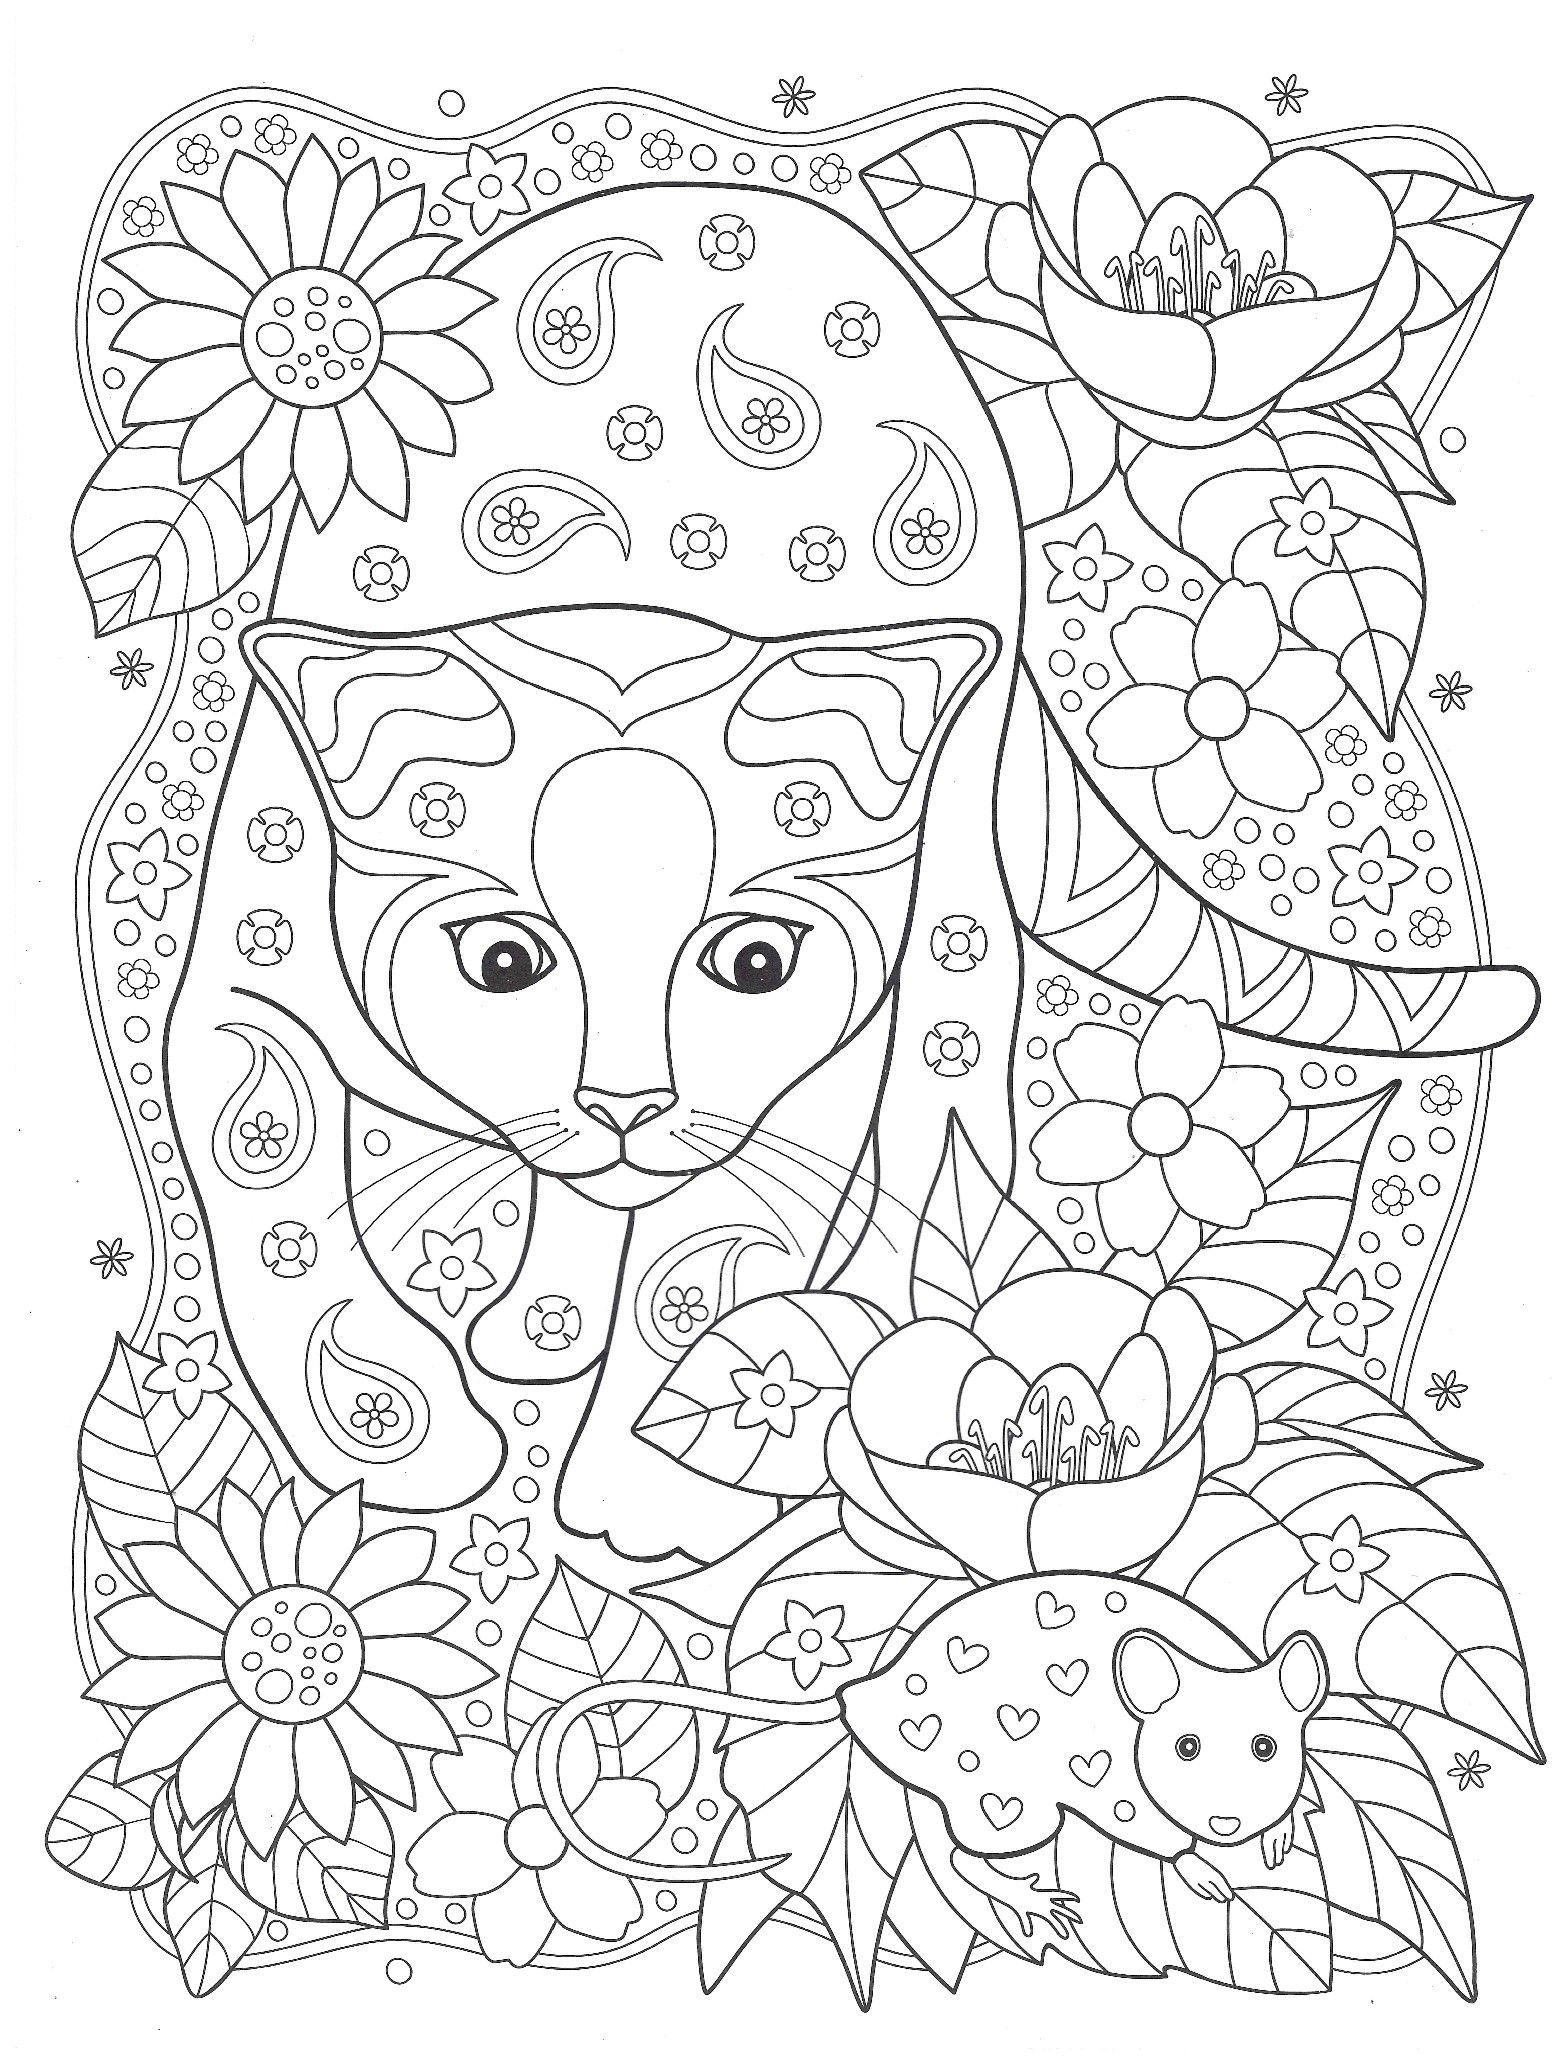 Раскраски «Животные» - «Кошка и мышка»   Раскраски с ...